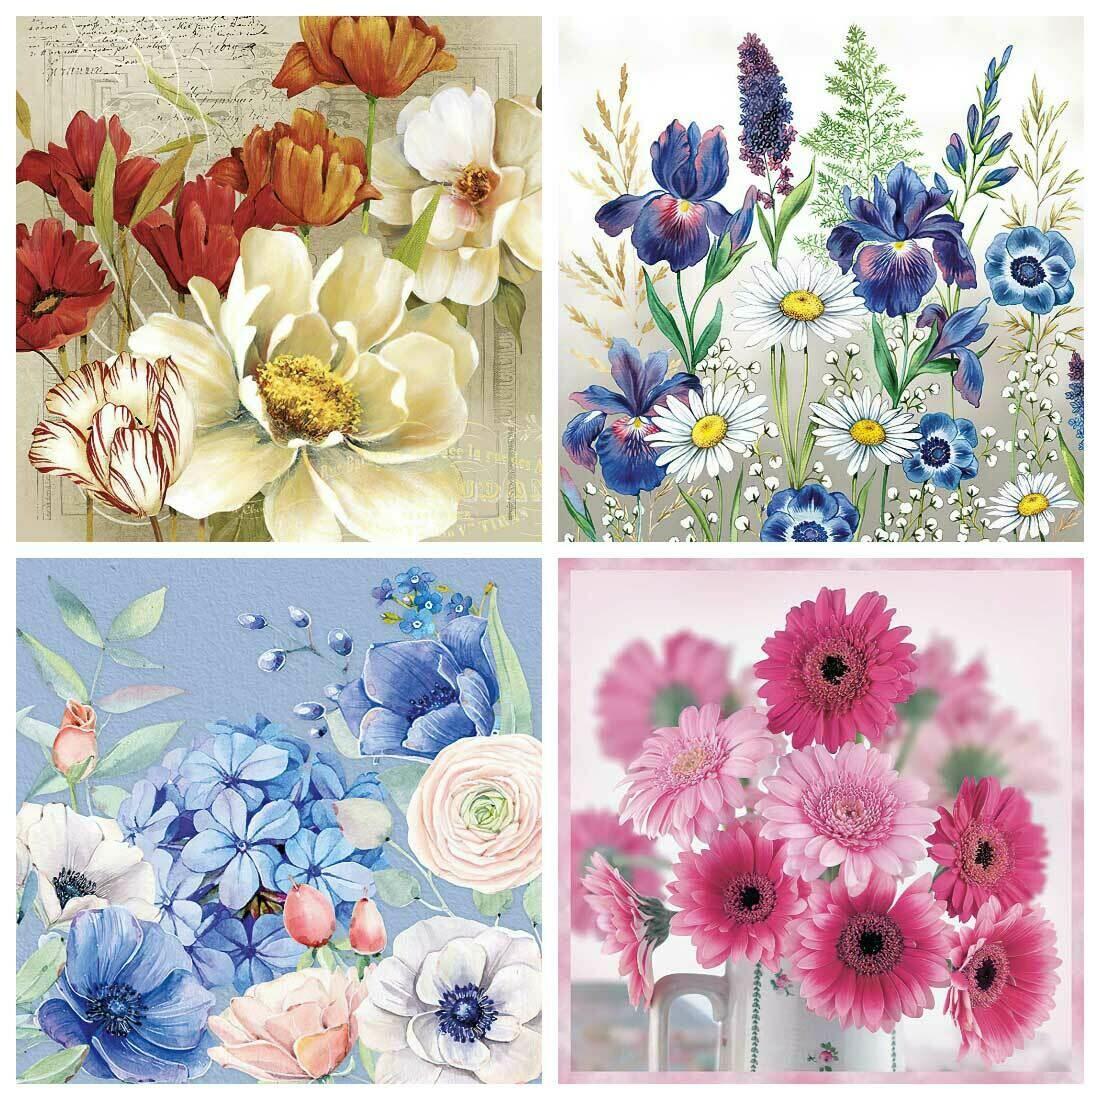 Decoupage Paper Napkins - Floral 12 13x13 (4 Sheets)